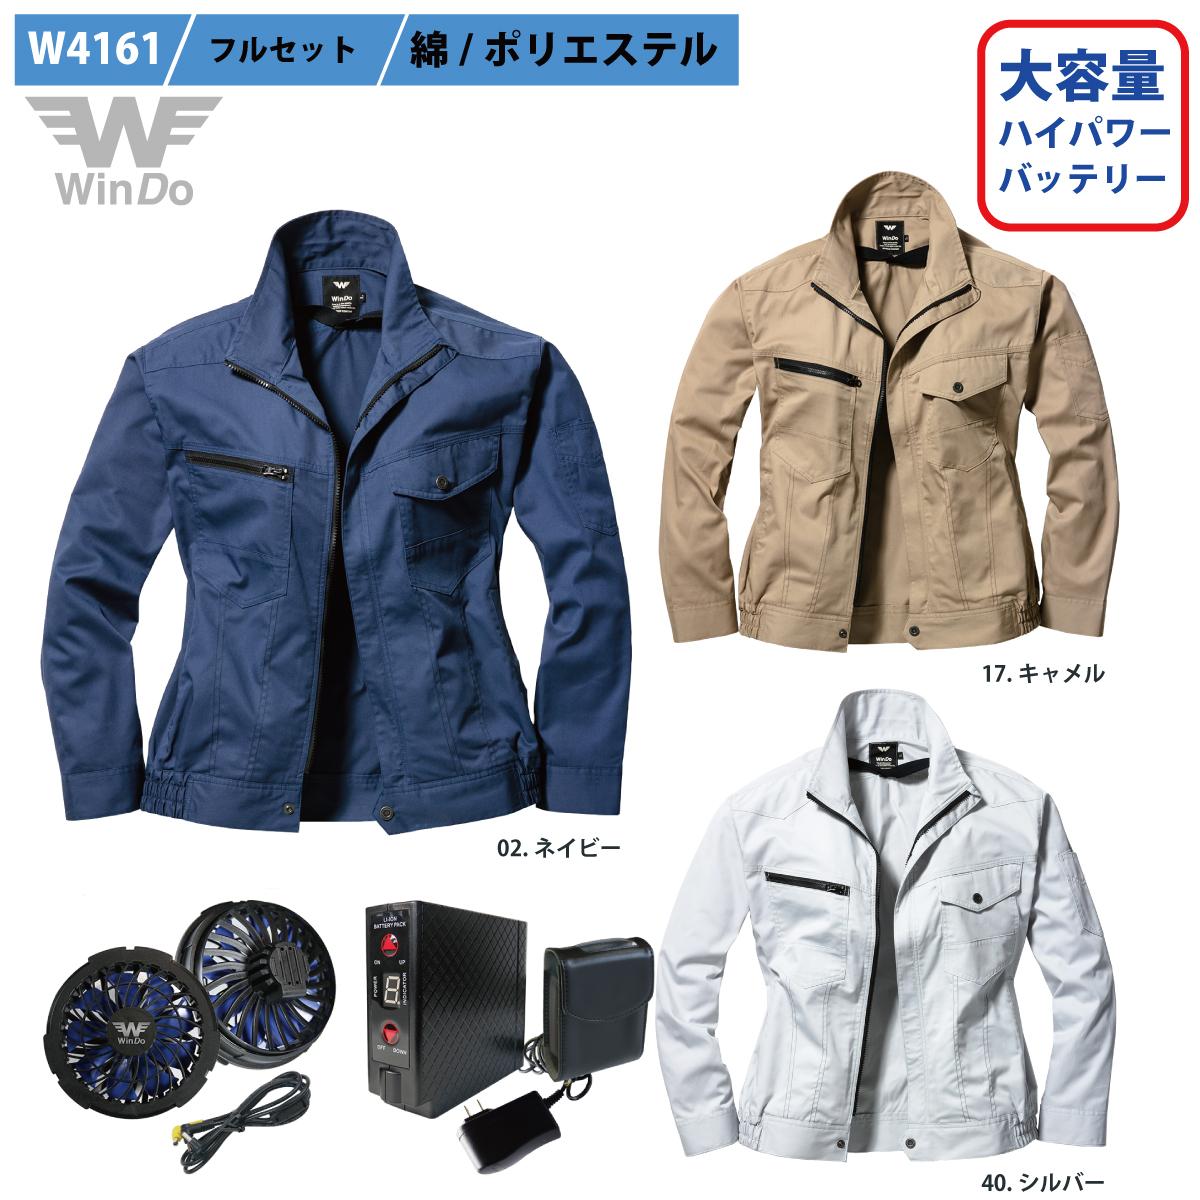 WinDo 空冷服フルセット(ファン+ハイパワー大容量バッテリー) 空冷服 フルセット(ハイパワー大容量バッテリー) 綿タッチ無地 長袖ブルゾン S02W4161